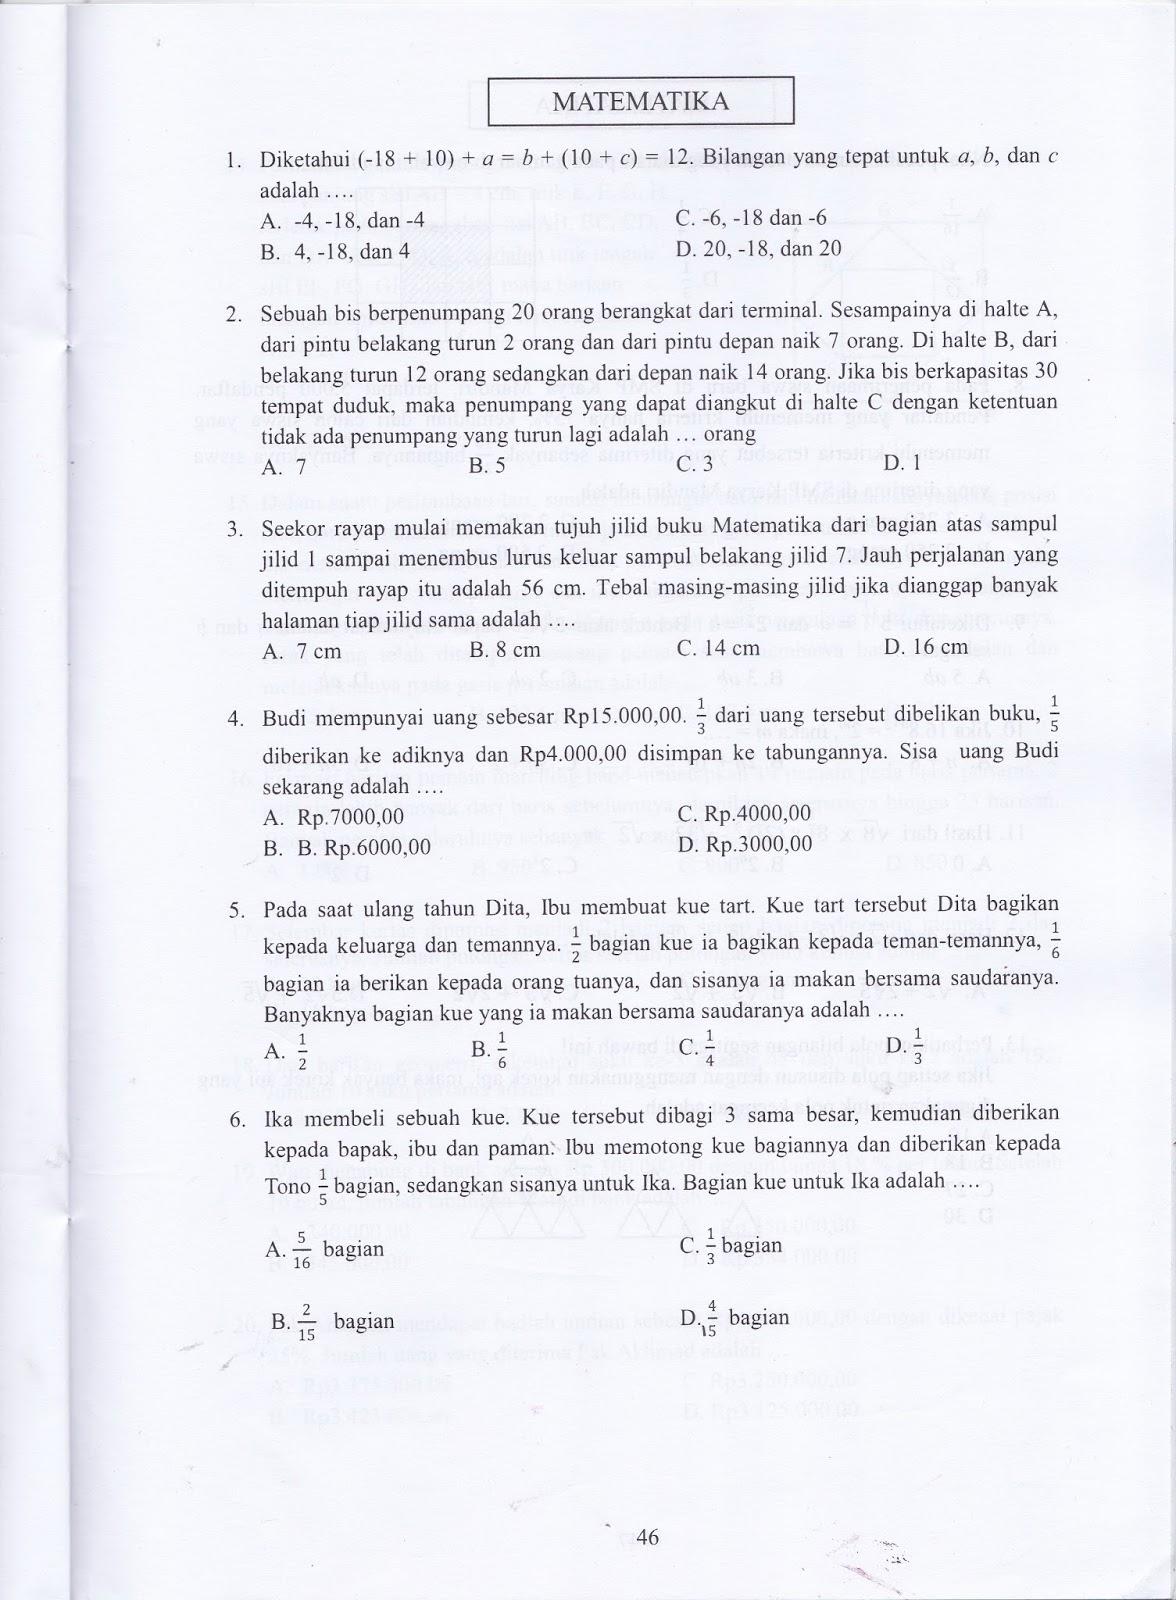 Soal Latihan Turunan Aljabar Latihan Soal Garis Istimewa Pada Segitiga Matematika Latihan 1